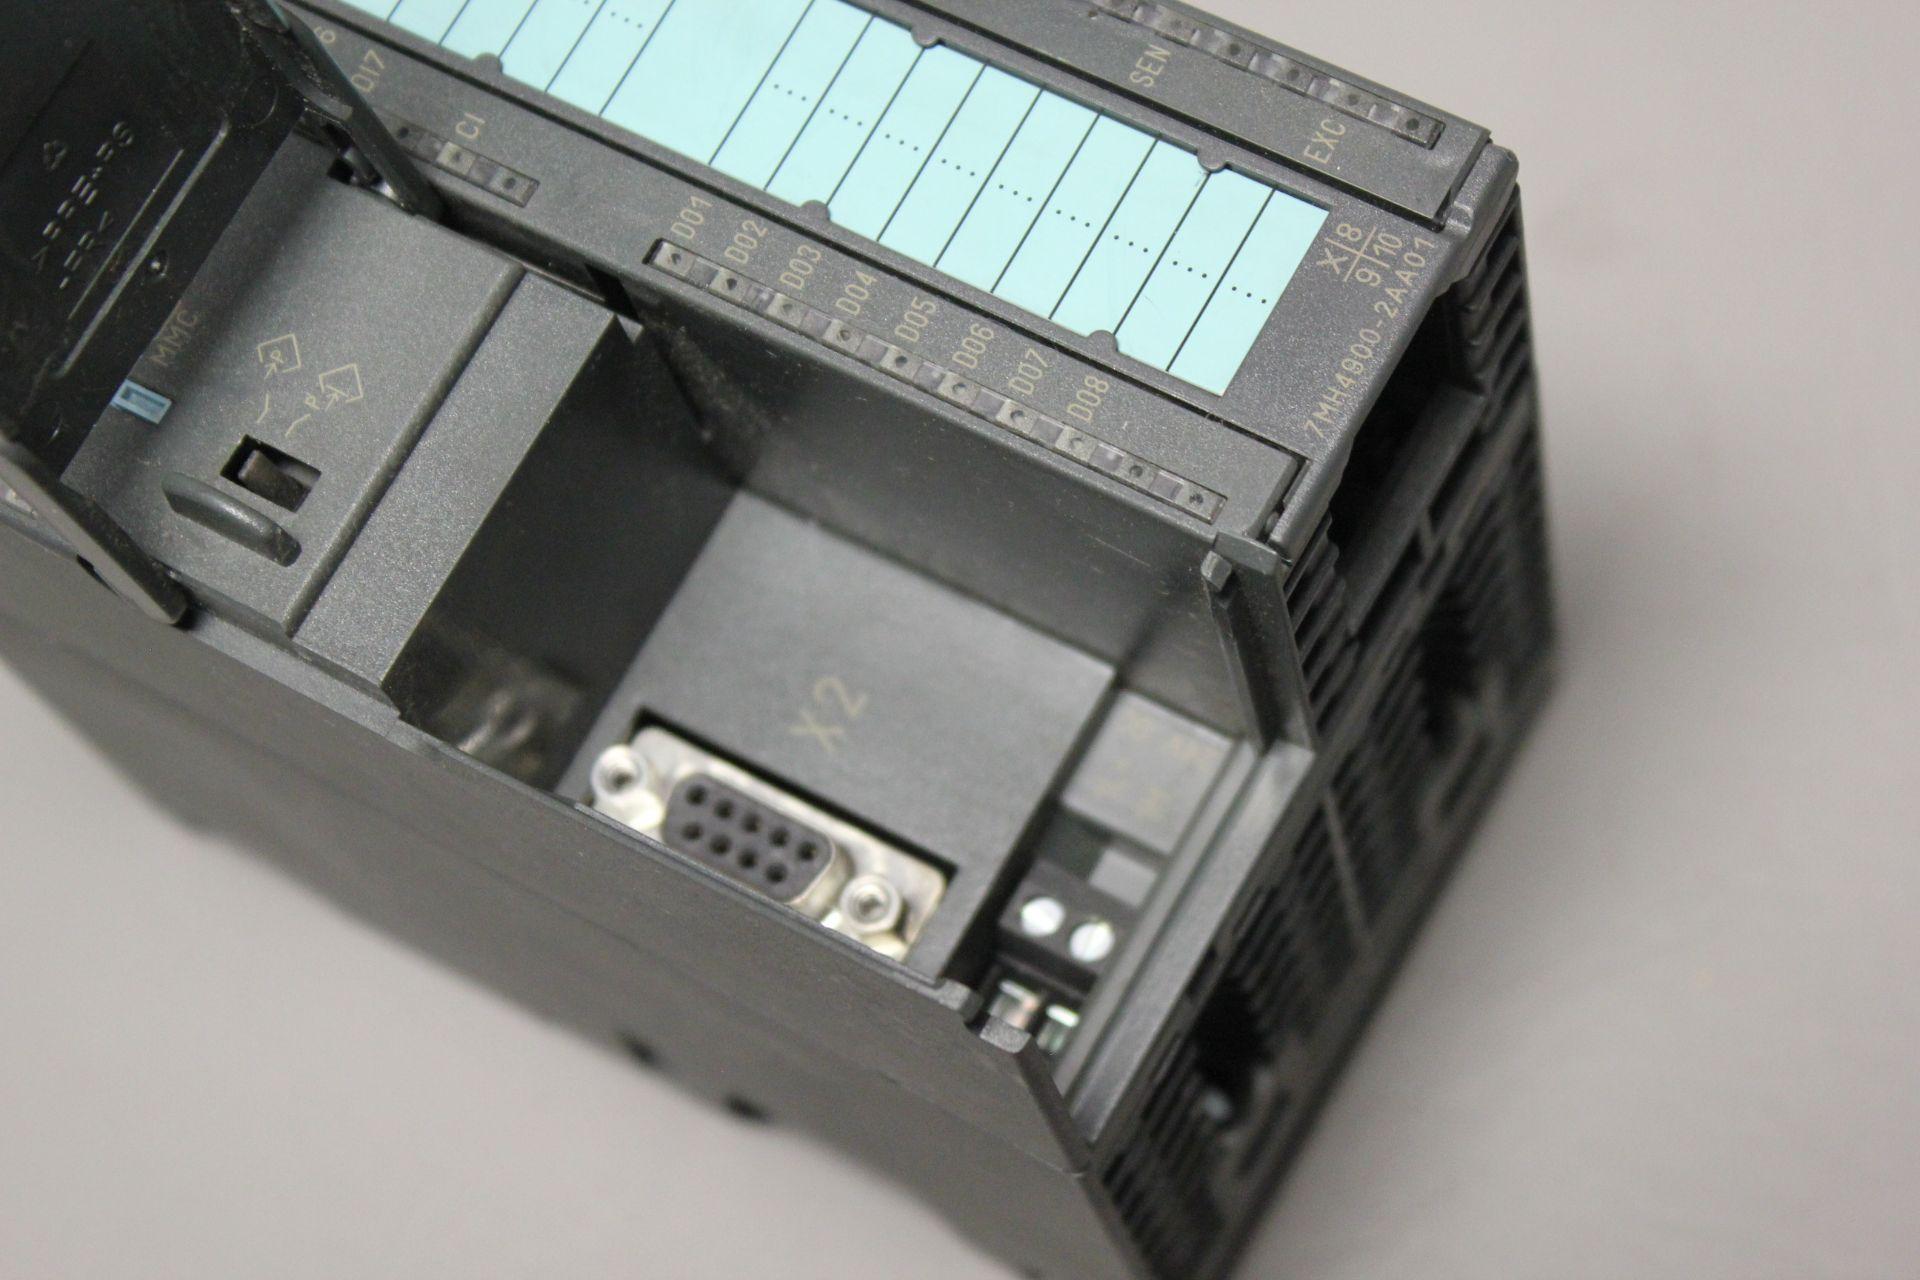 NEW SIEMENS SIWAREX FTA PLC WEIGHING MODULE - Image 5 of 8